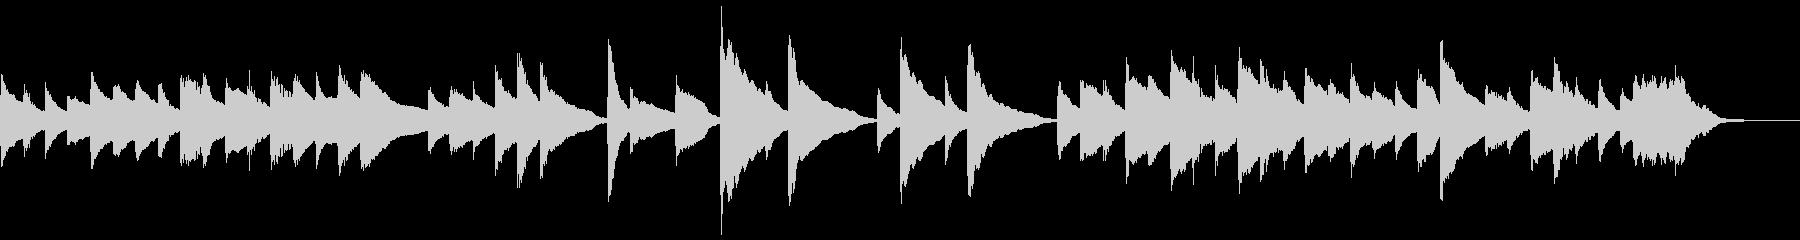 【悲壮感】30秒ピアノソロの未再生の波形